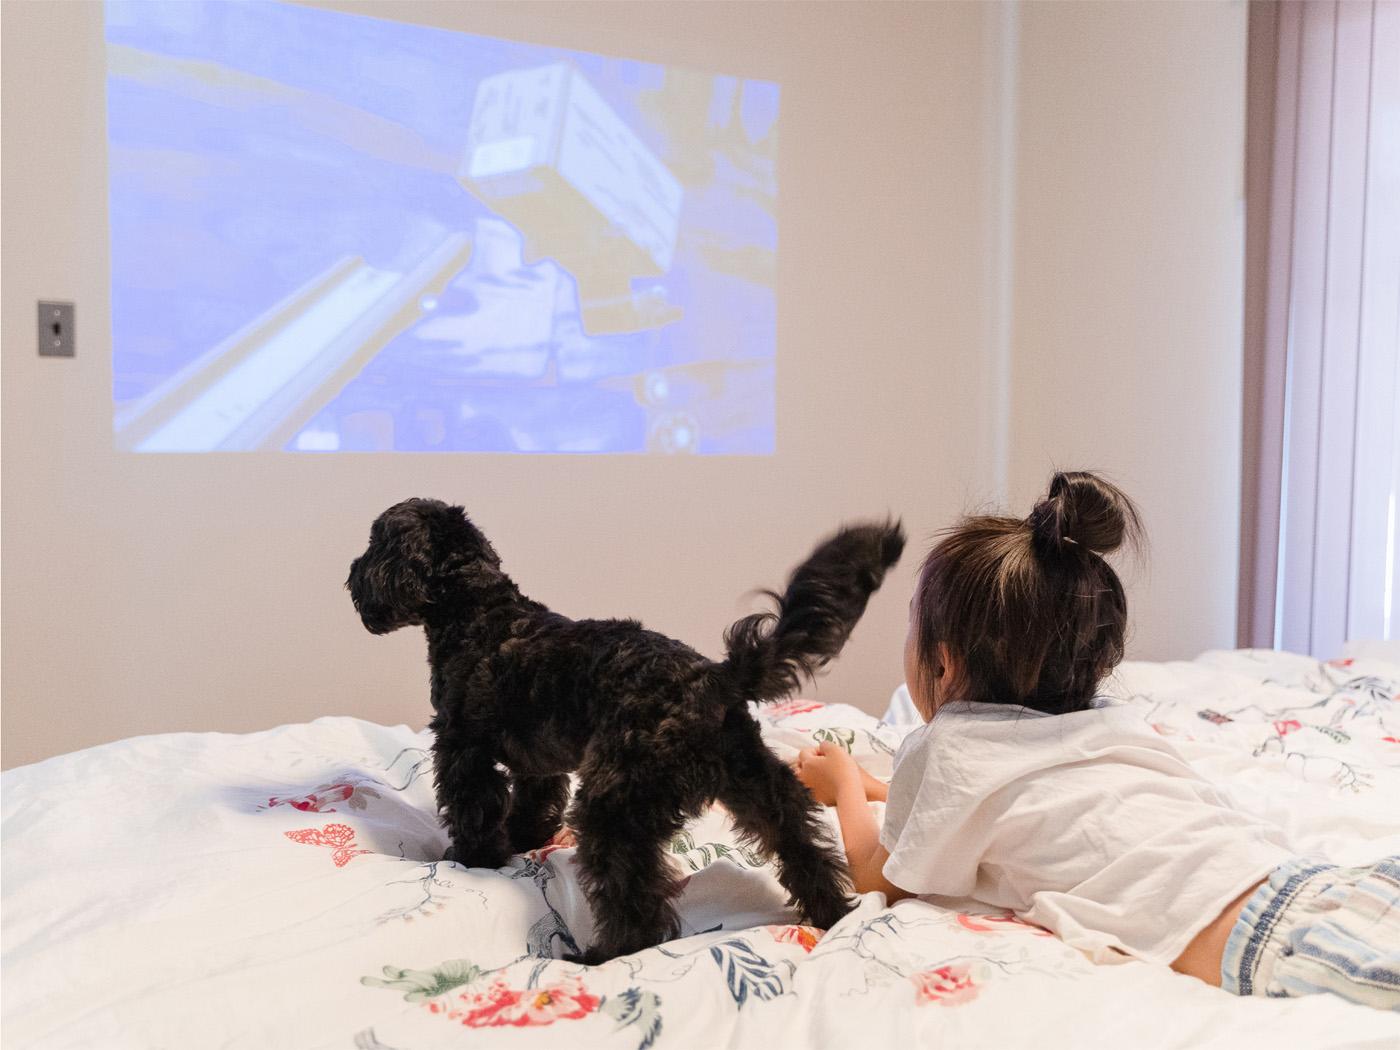 プロジェクターがついている寝室でお気に入りのアニメを観る娘さんと愛犬のオレオ。